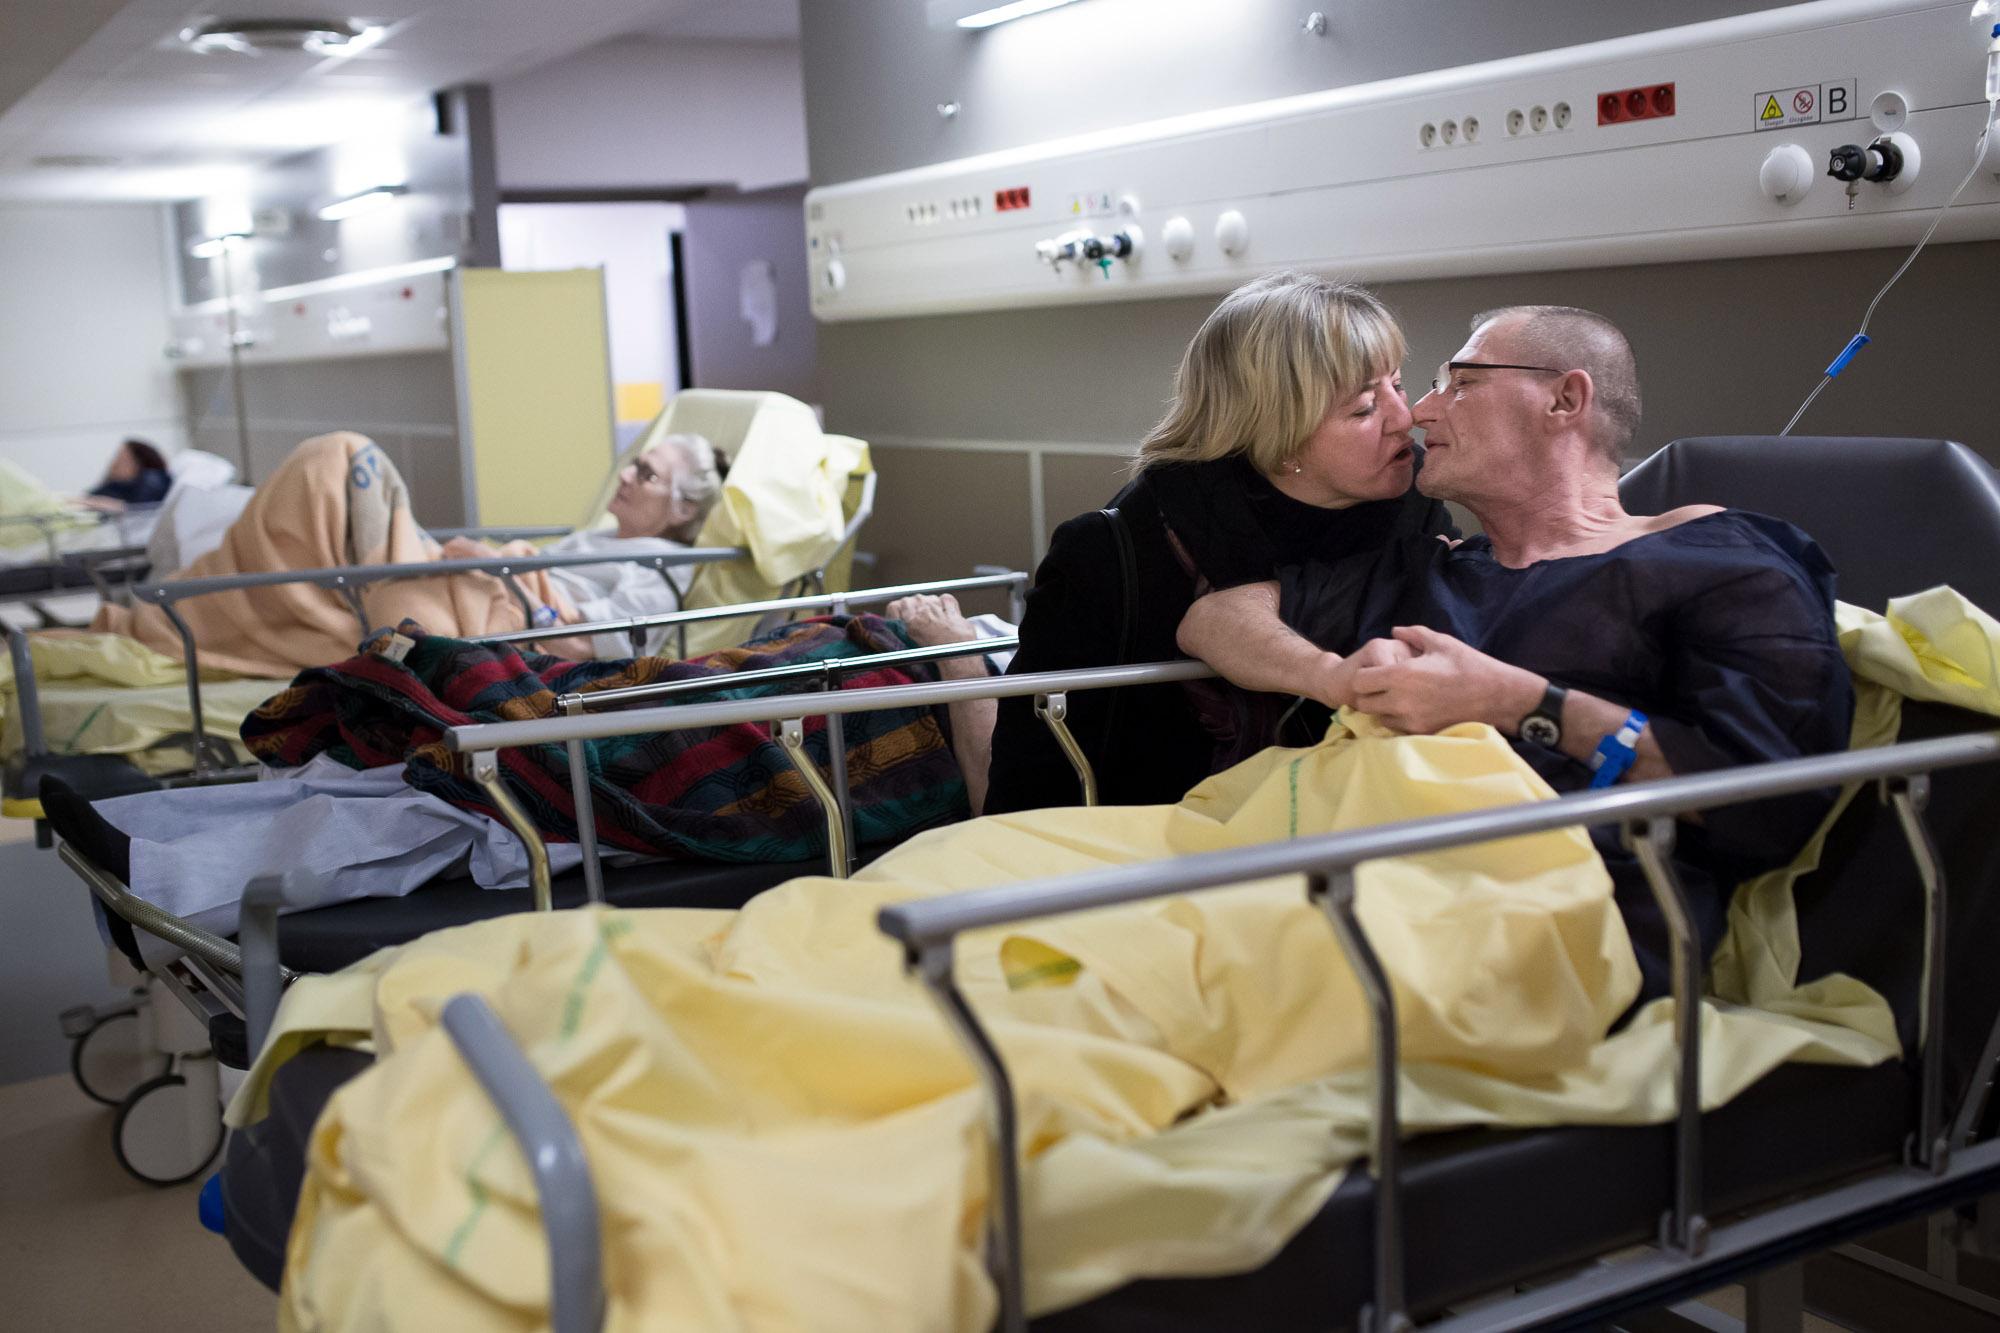 Un couple s'embrasse après que l'infirmière a demandé aux vis